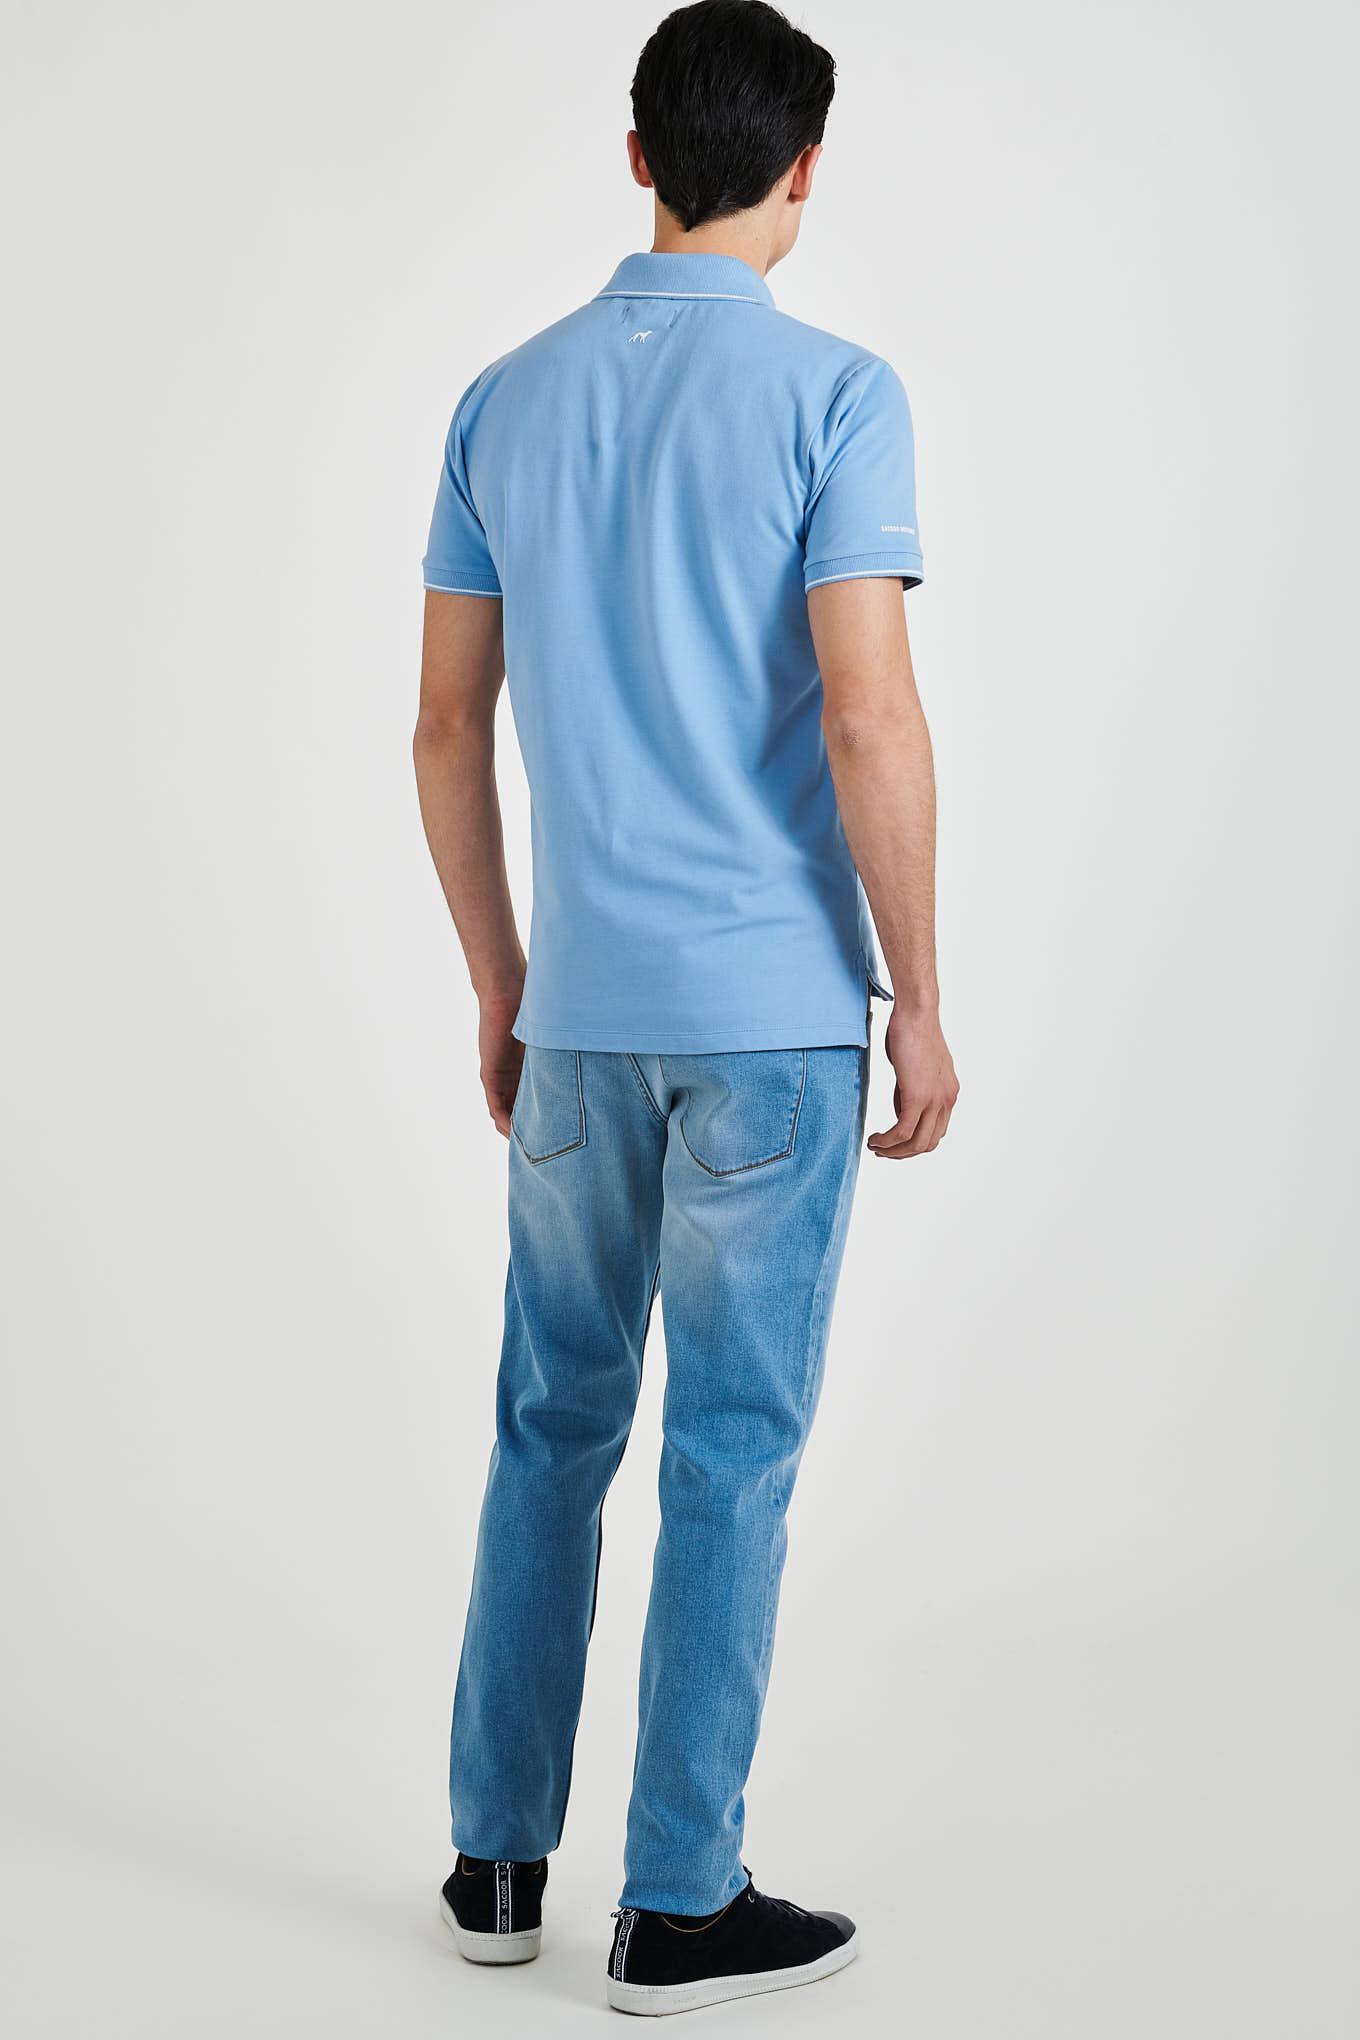 Polo Piquet Azul Médio Casual Homem